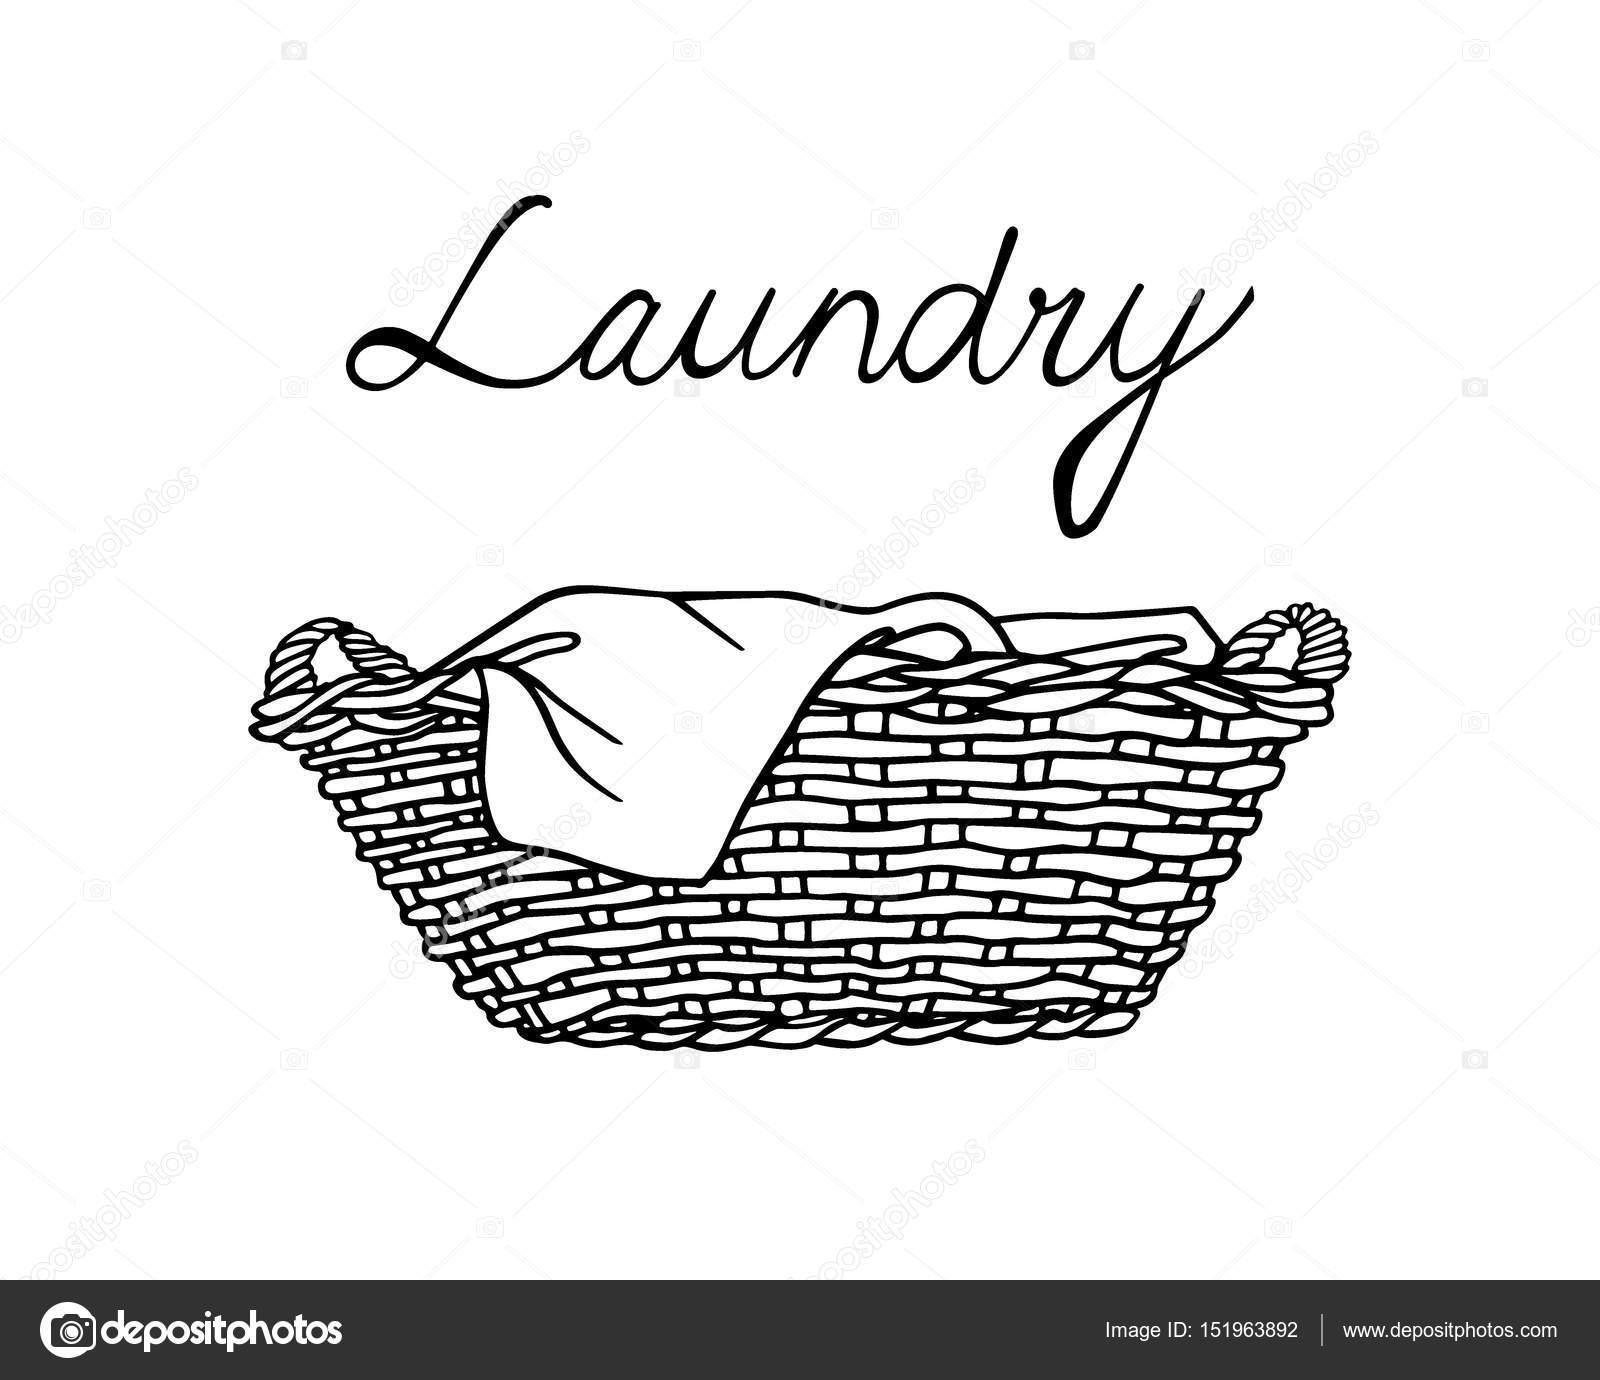 701ed83e7e Illustrazione vettoriale della mano disegnata cestino di vimini con  lavanderia. Stile grafico, disegno di inchiostro. Elementi di design per la  casa bella ...